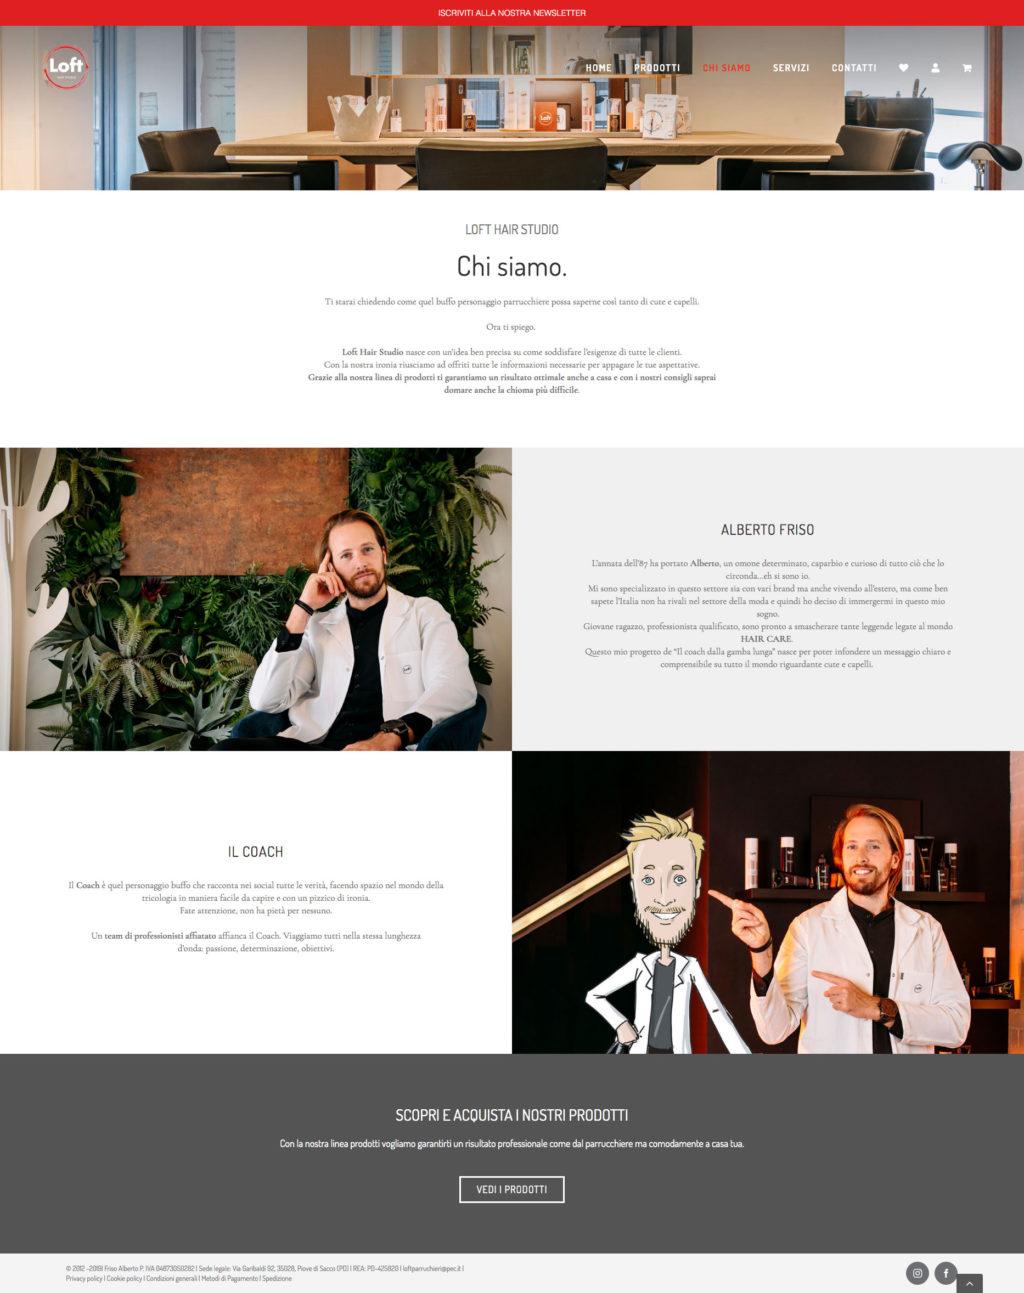 Page E-commerce website Loft Hair Studio